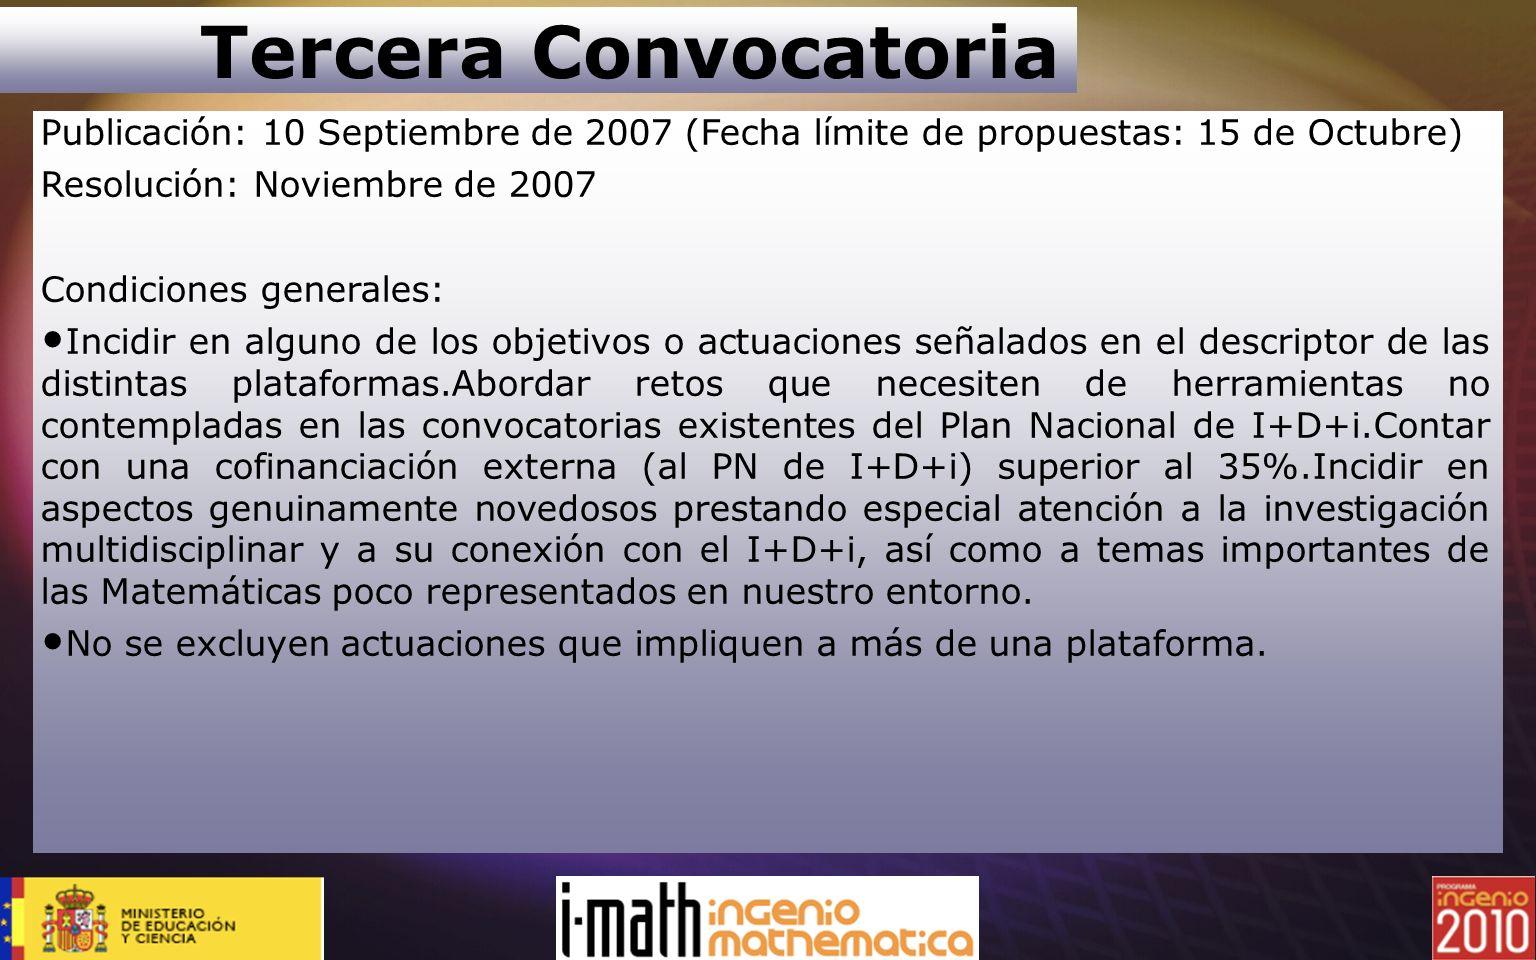 Tercera Convocatoria Publicación: 10 Septiembre de 2007 (Fecha límite de propuestas: 15 de Octubre) Resolución: Noviembre de 2007 Condiciones generale